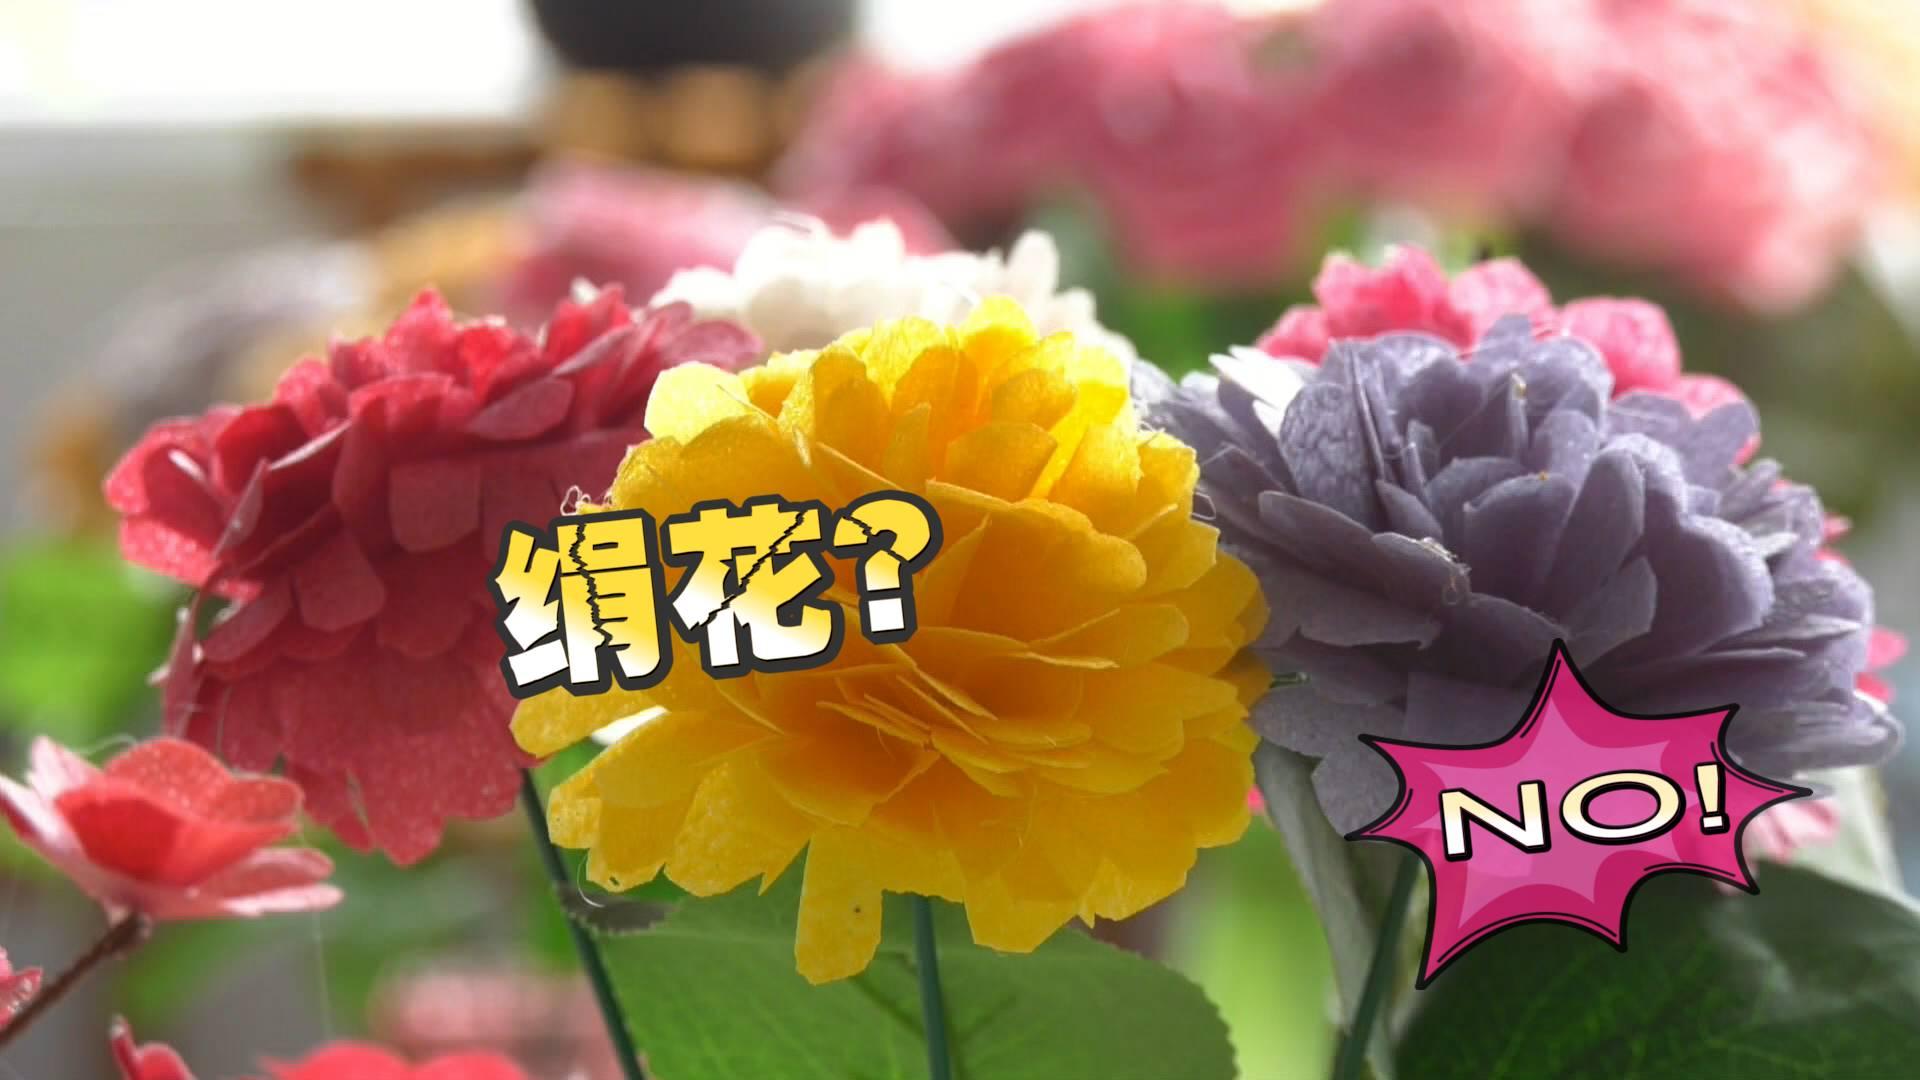 临沂蒙阴农村大嫂把传统煎饼做出花